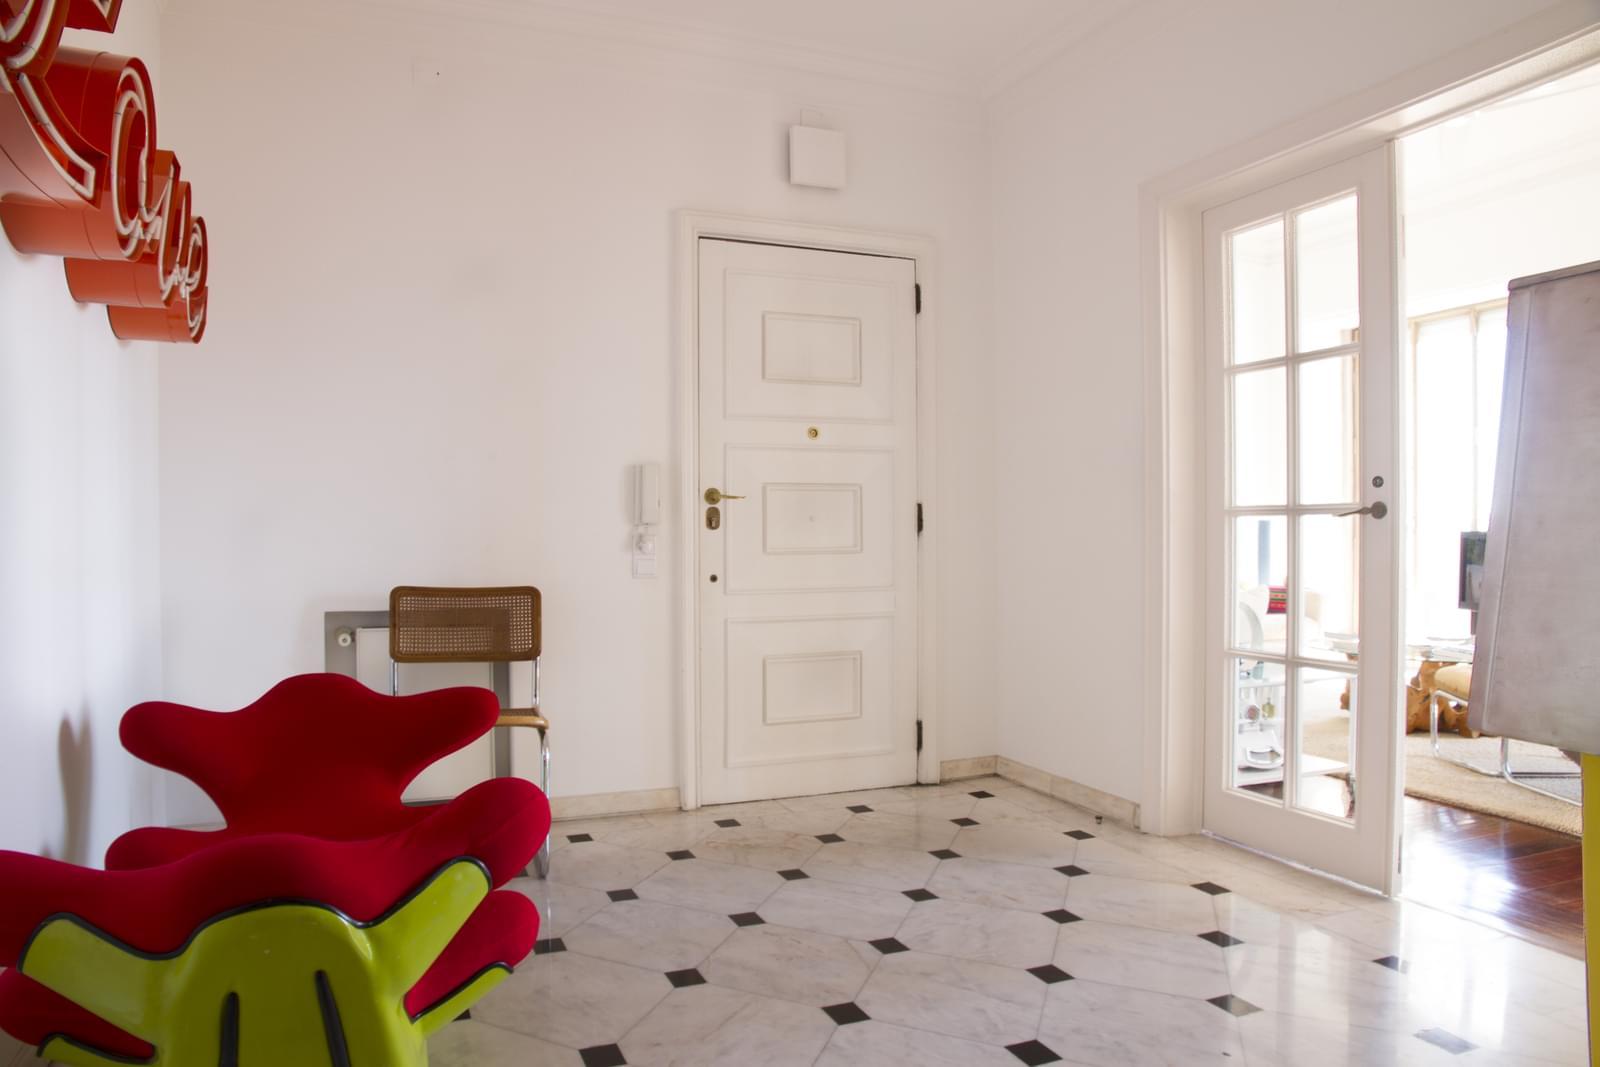 pf18175-apartamento-t5-lisboa-401ef155-a7cd-4544-bdbb-a6552d5298fe